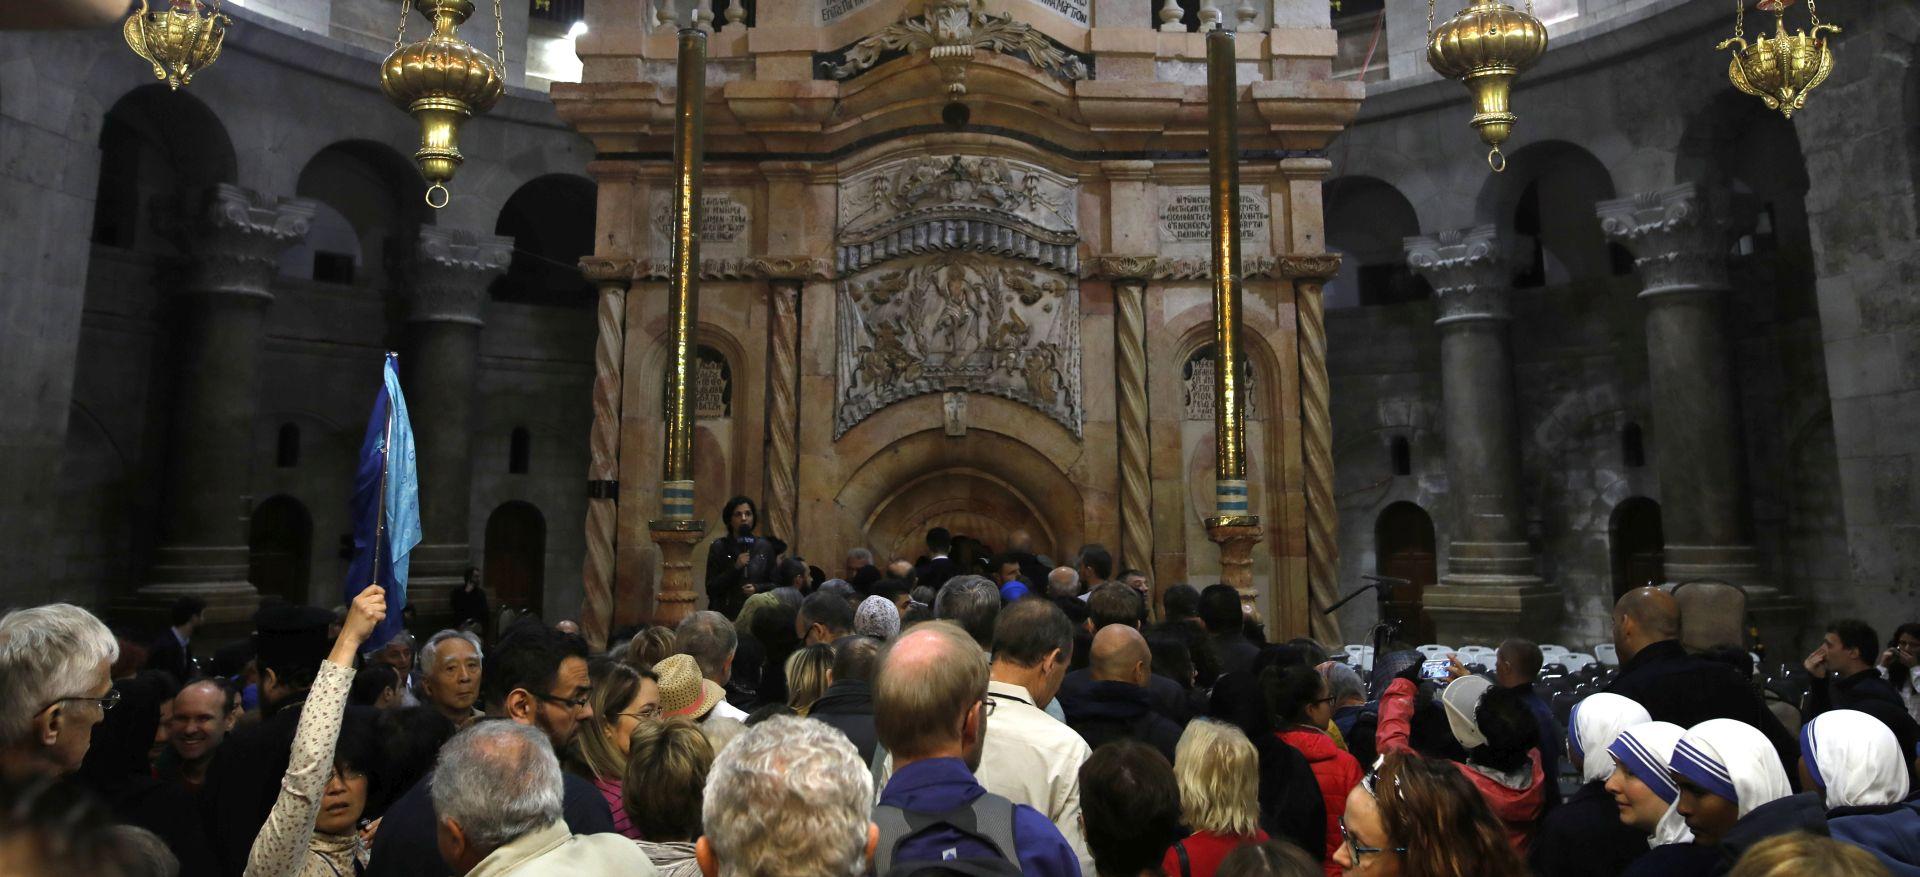 Kršćani slave Uskrs u Jeruzalemu